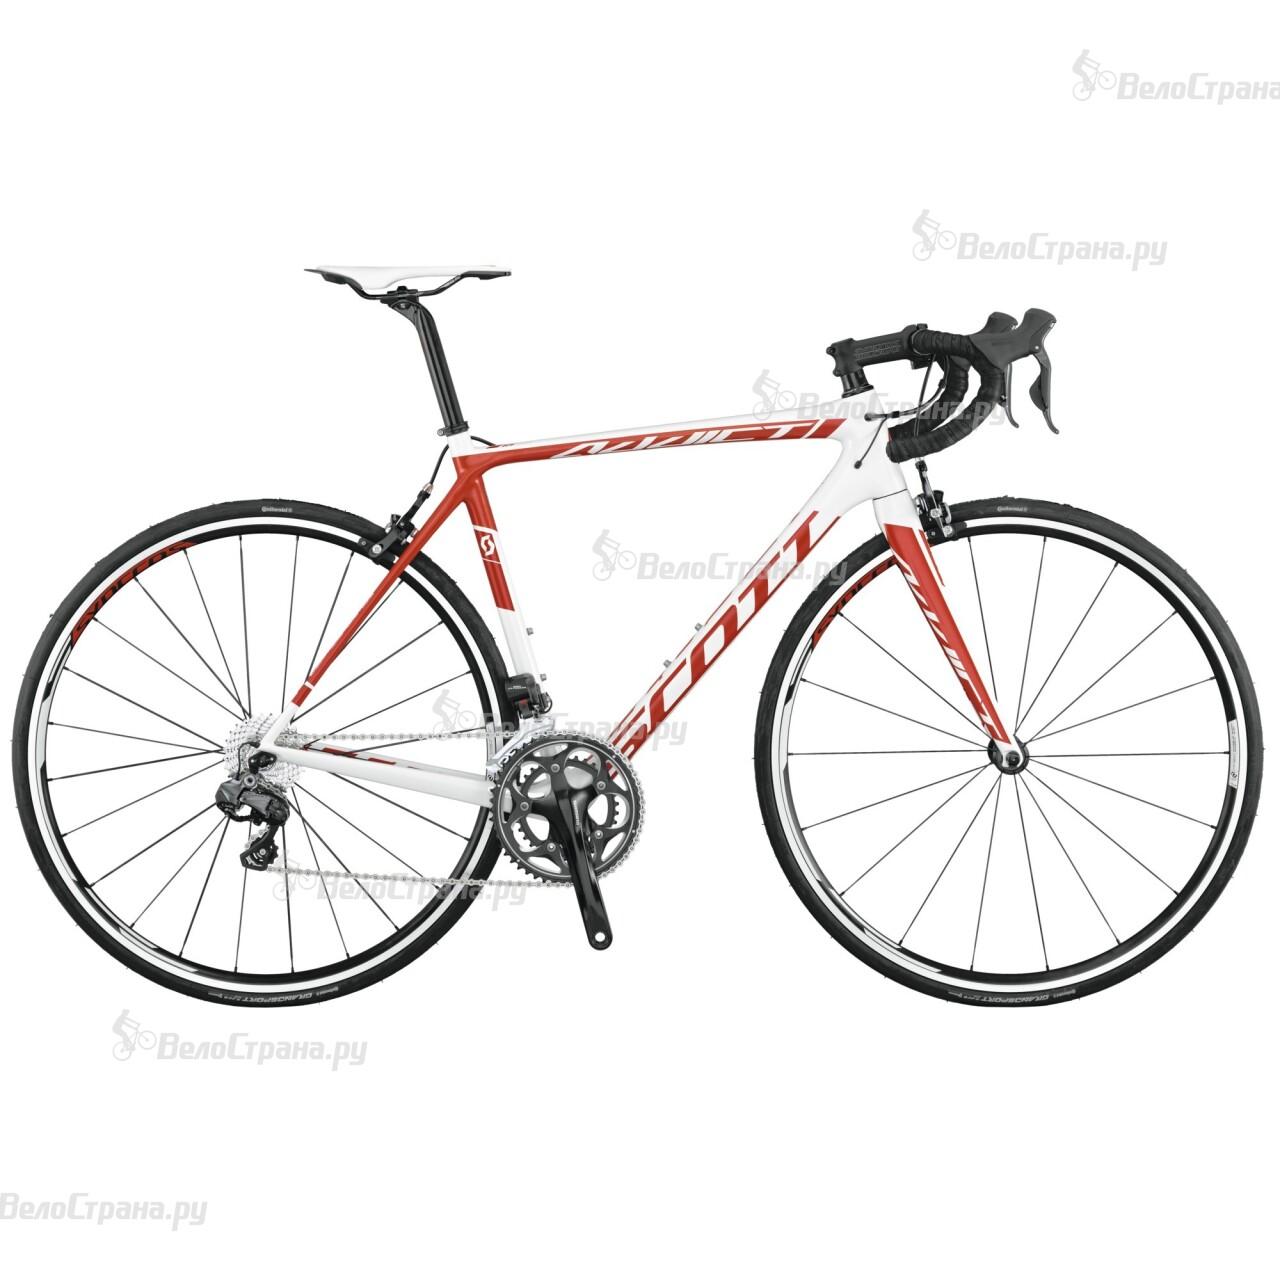 Велосипед Scott Addict 15 DI2 (2015) addict 2